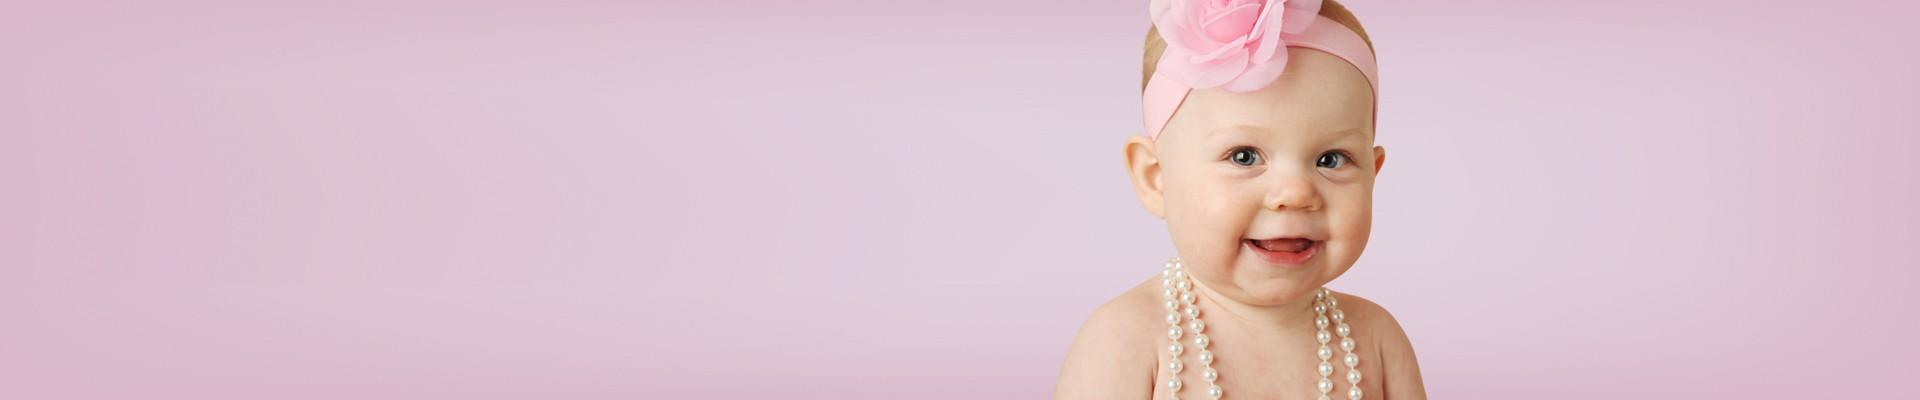 Jual Perhiasan Bayi Terlengkap & Berkualitas